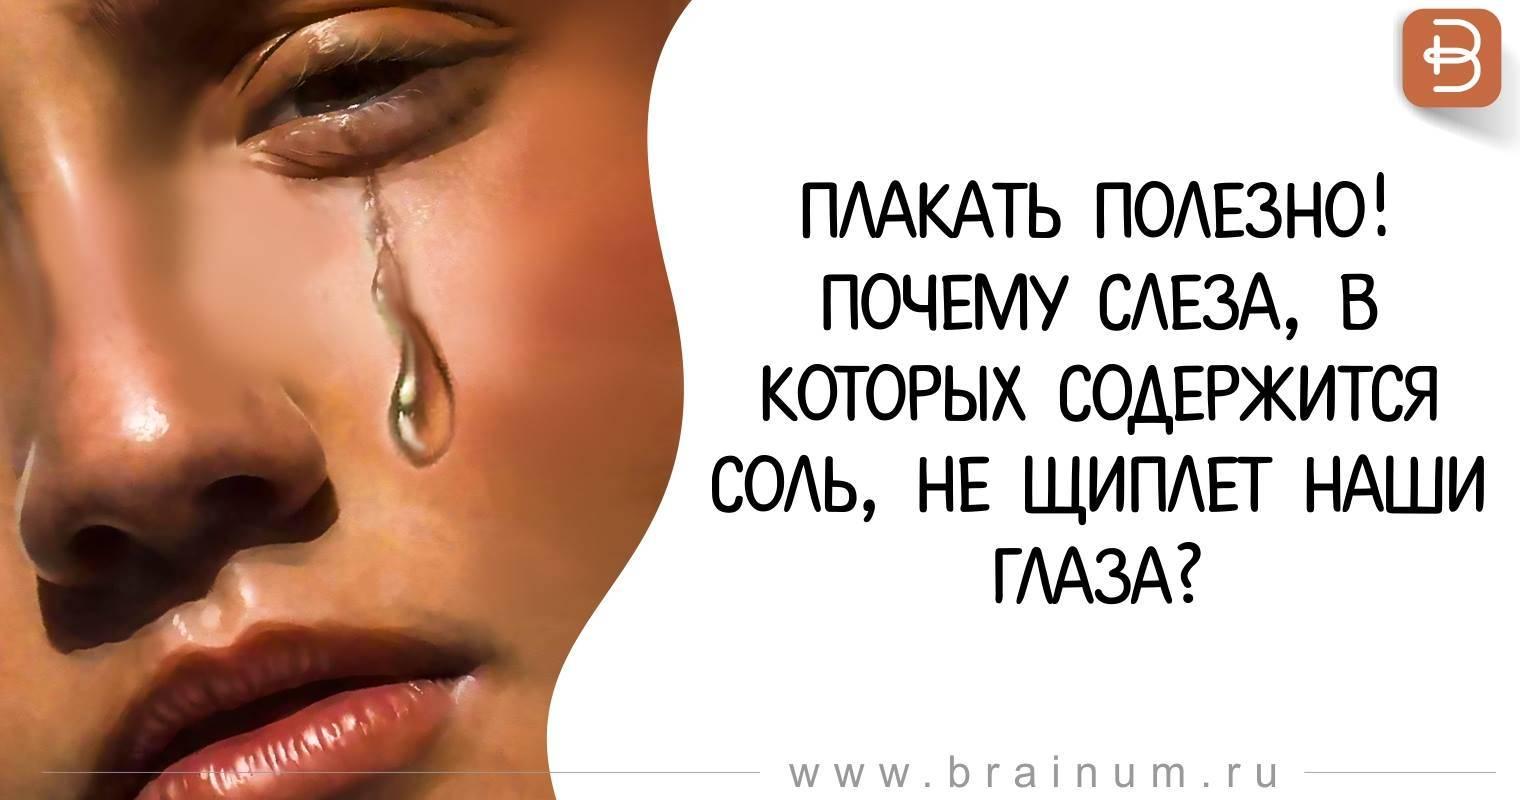 Как сдерживать слезы, никогда не плакать от обиды, боли при разговоре, в трудной ситуации, на людях, когда очень хочется